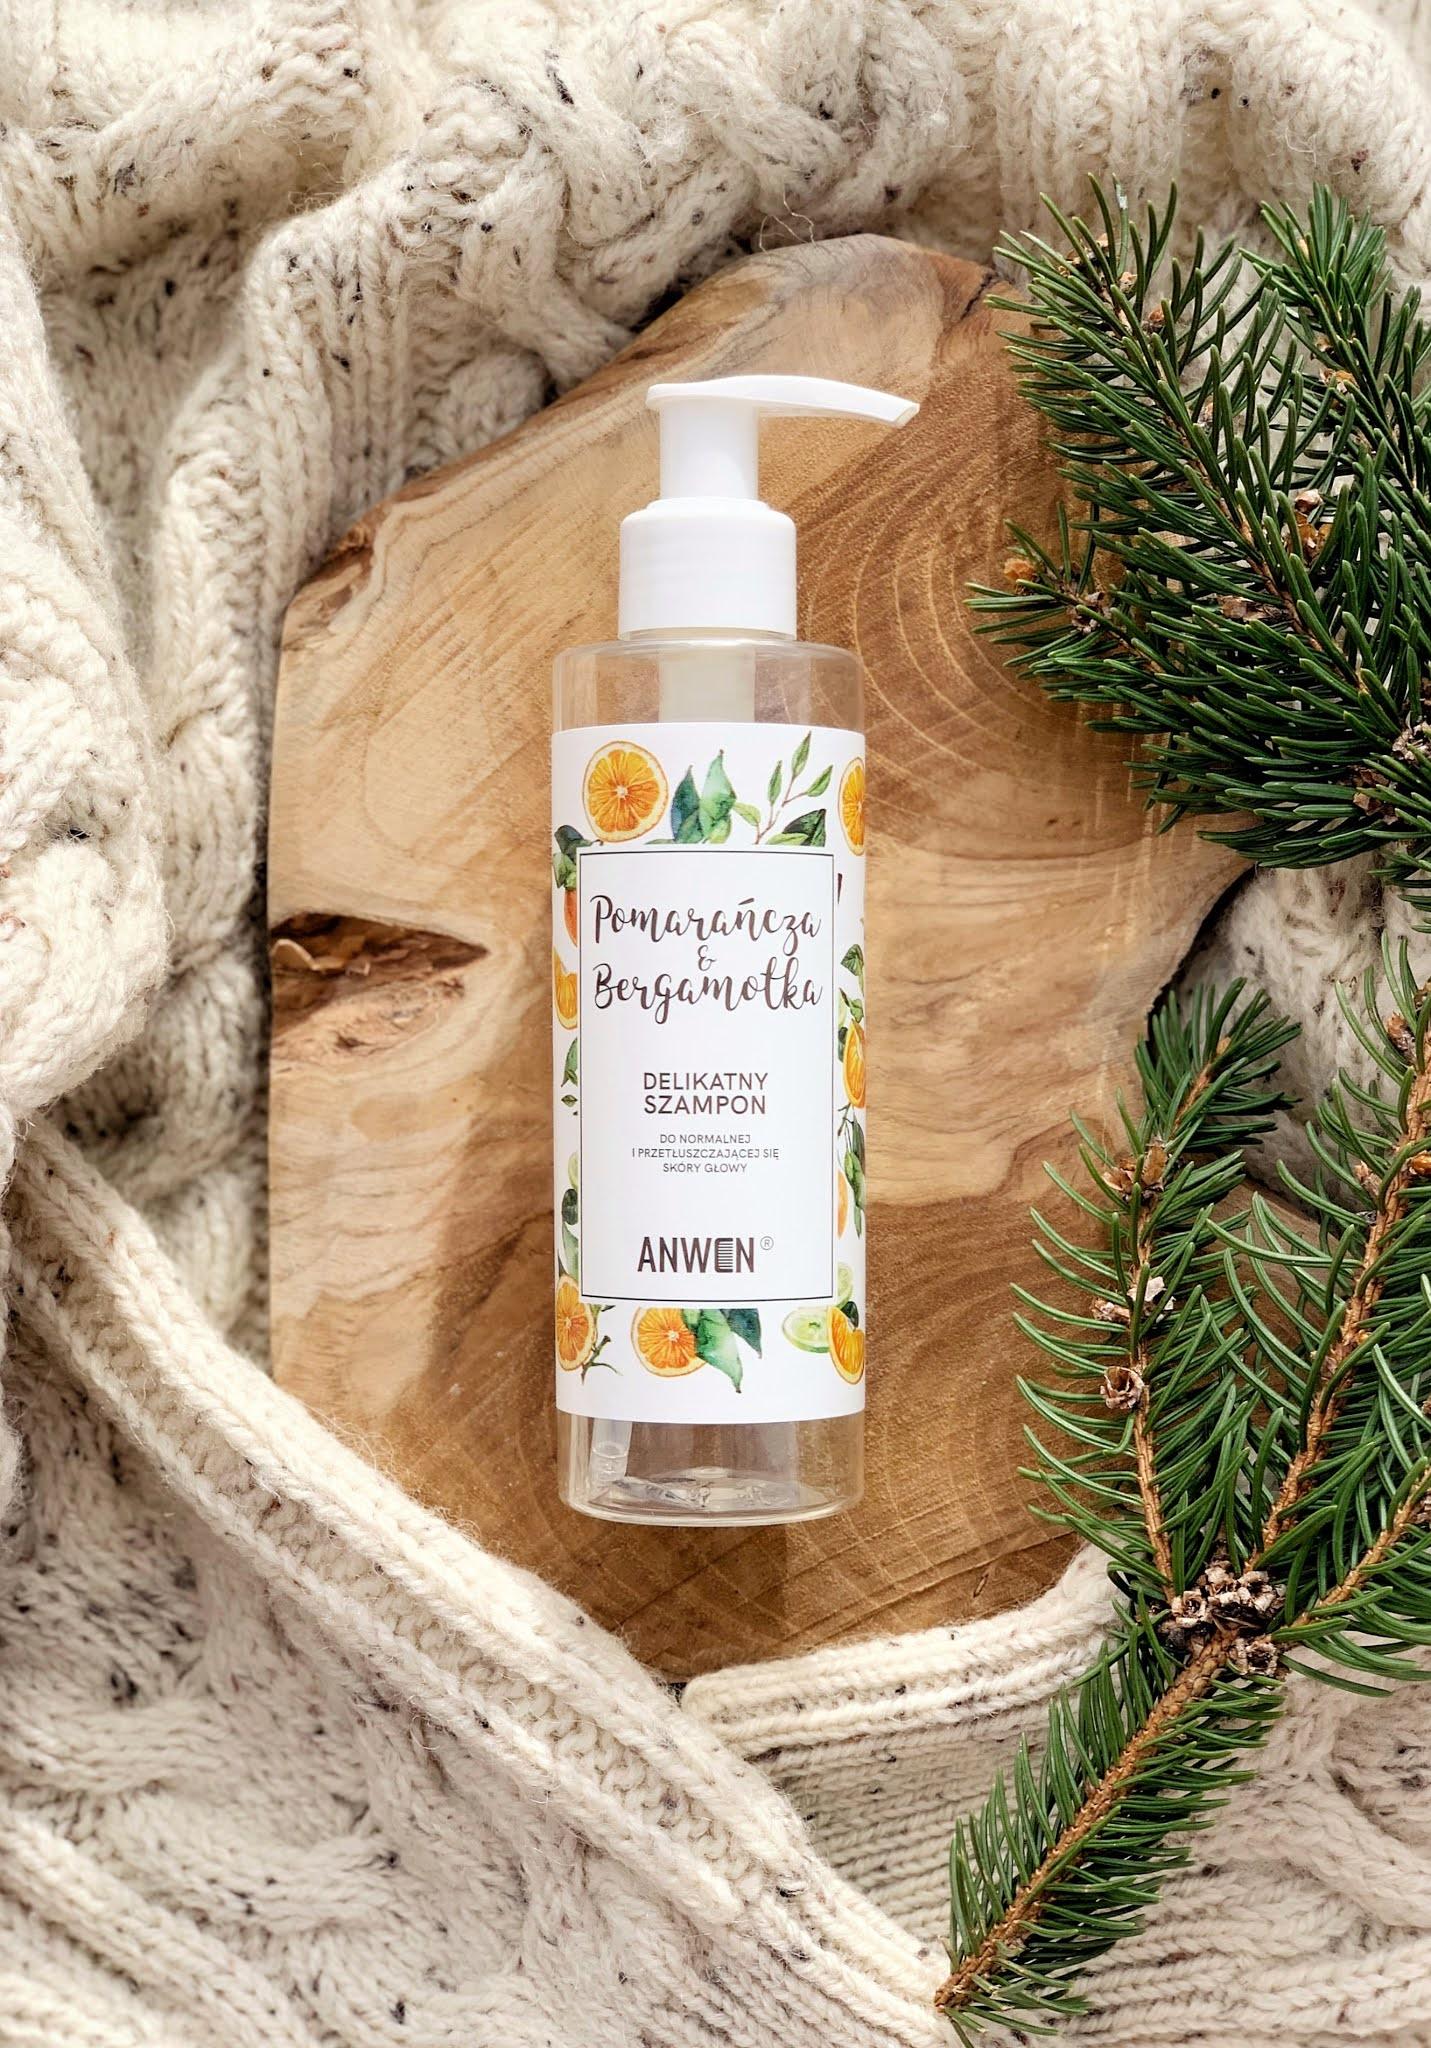 Delikatny-szampon-Pomarancza&Bergamotka-Anwen